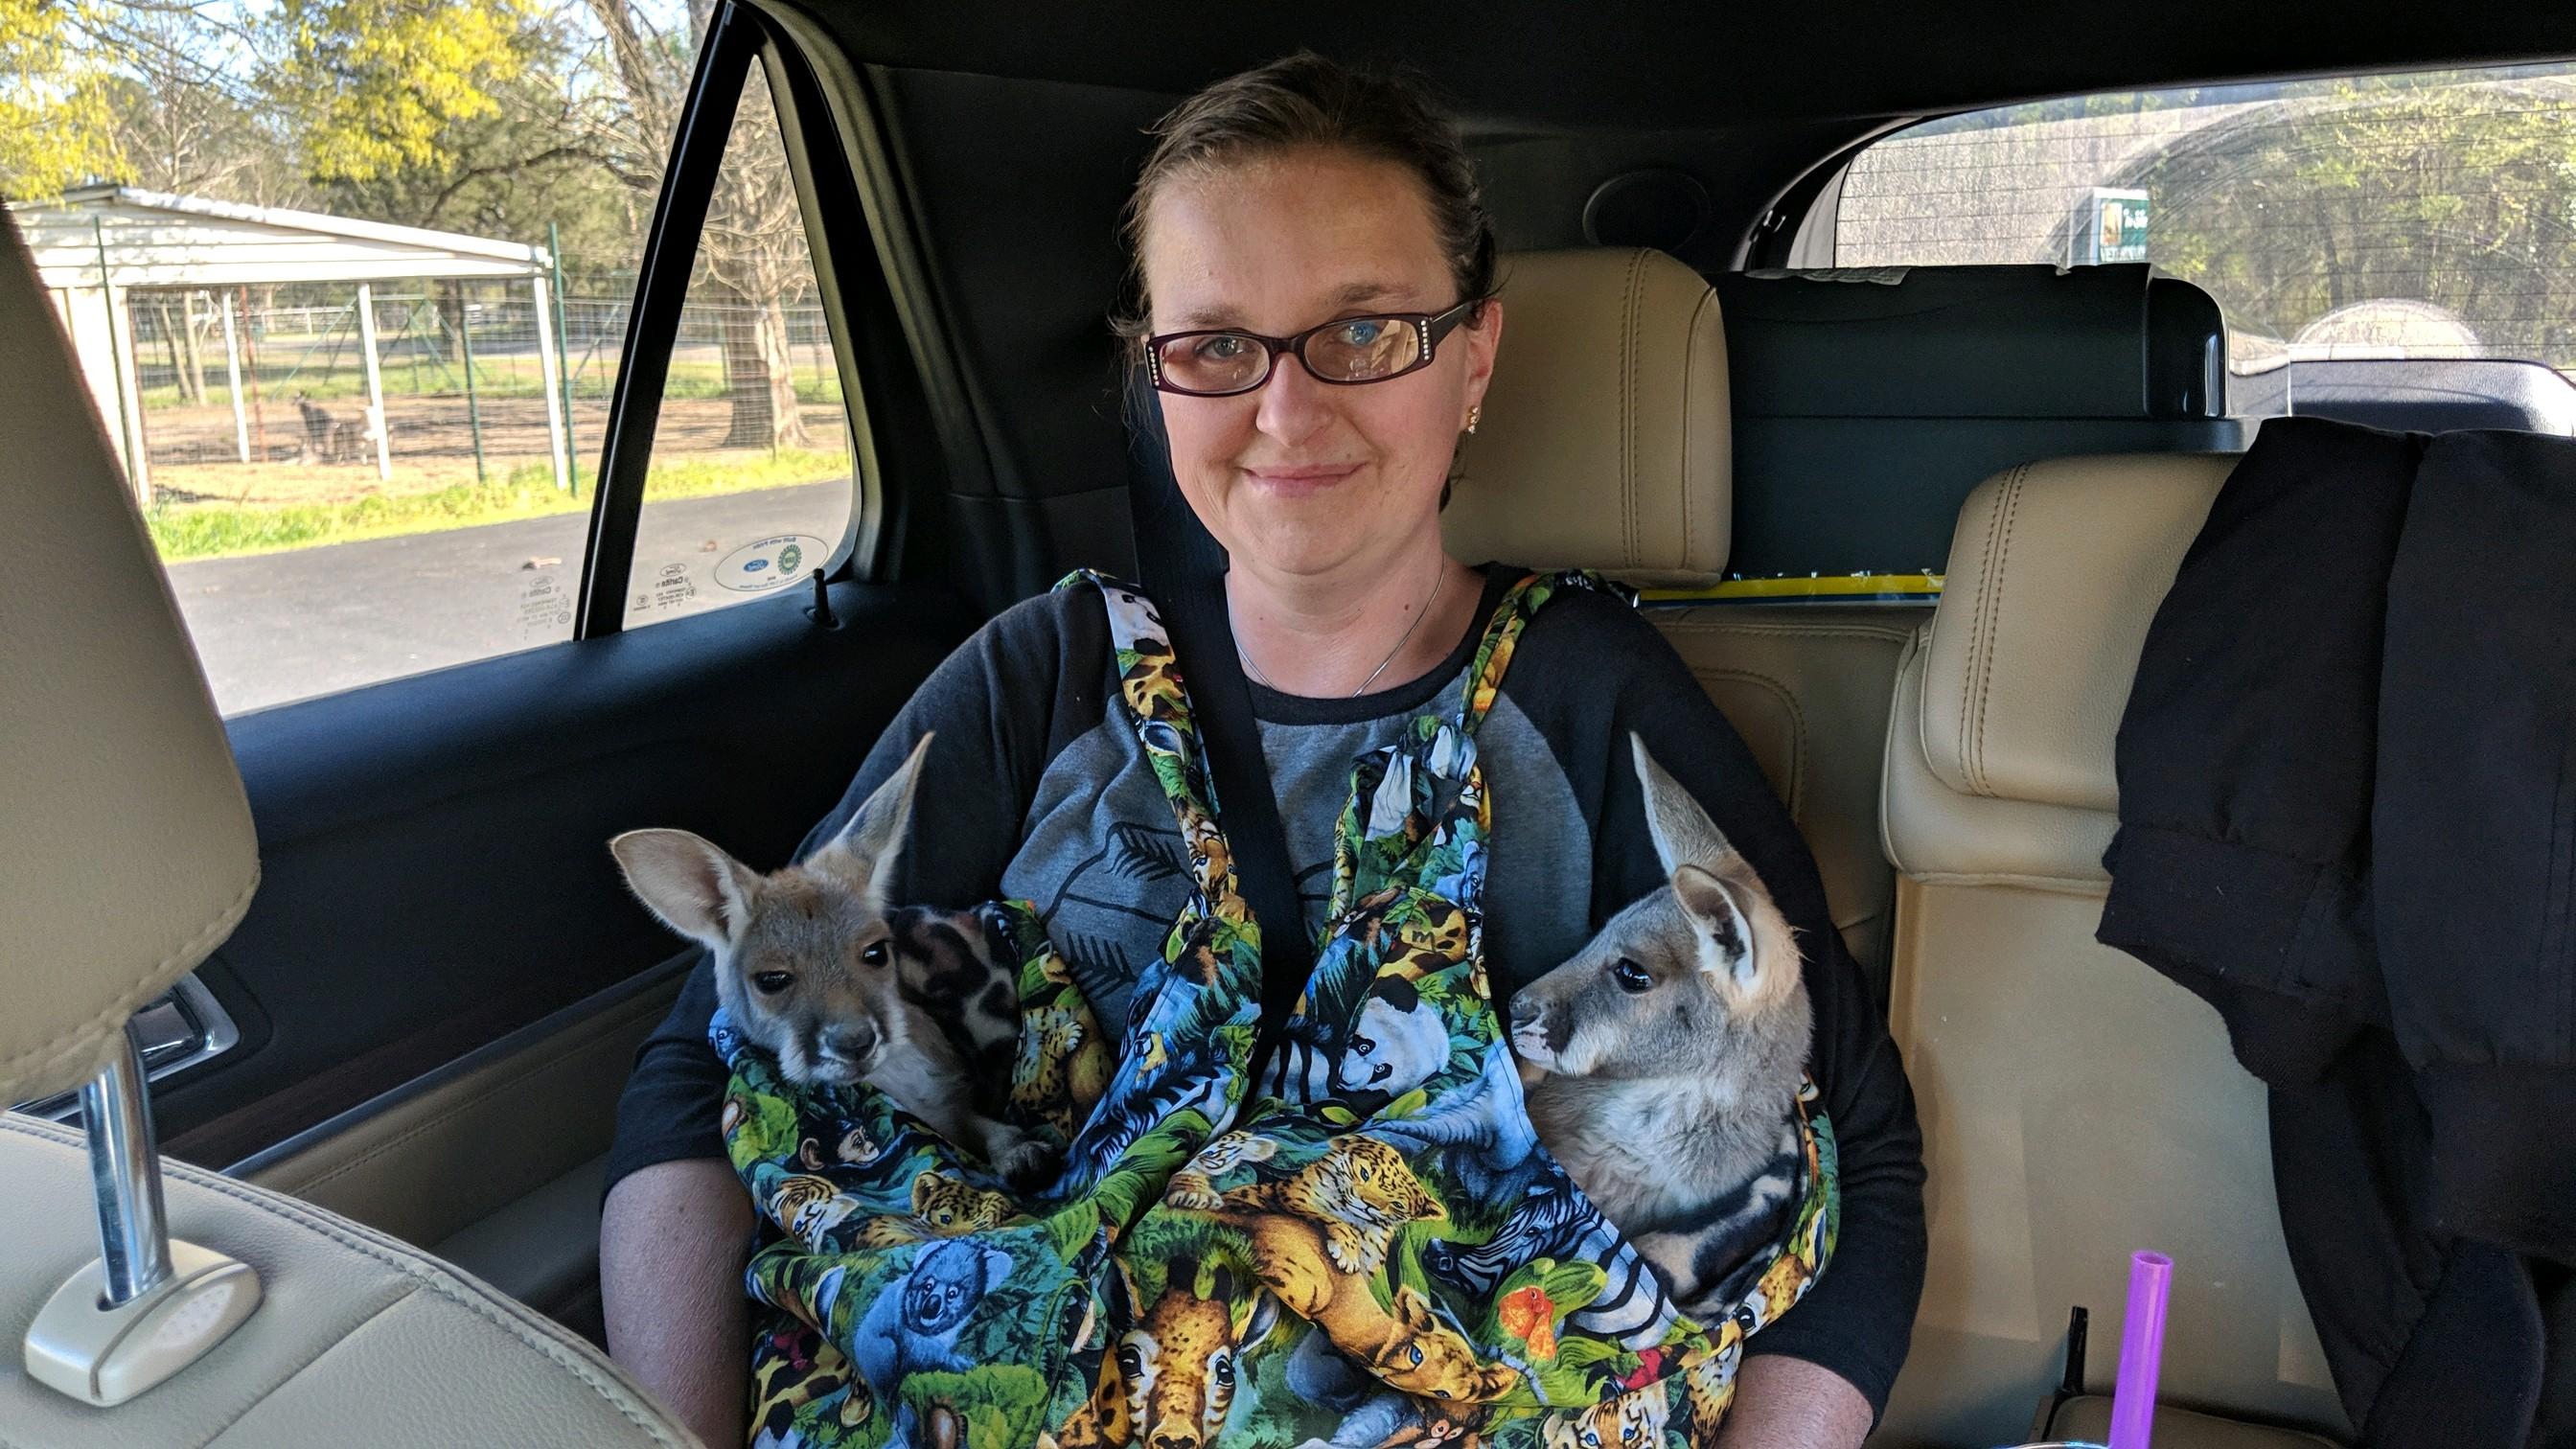 Meet our sweet kangaroo family